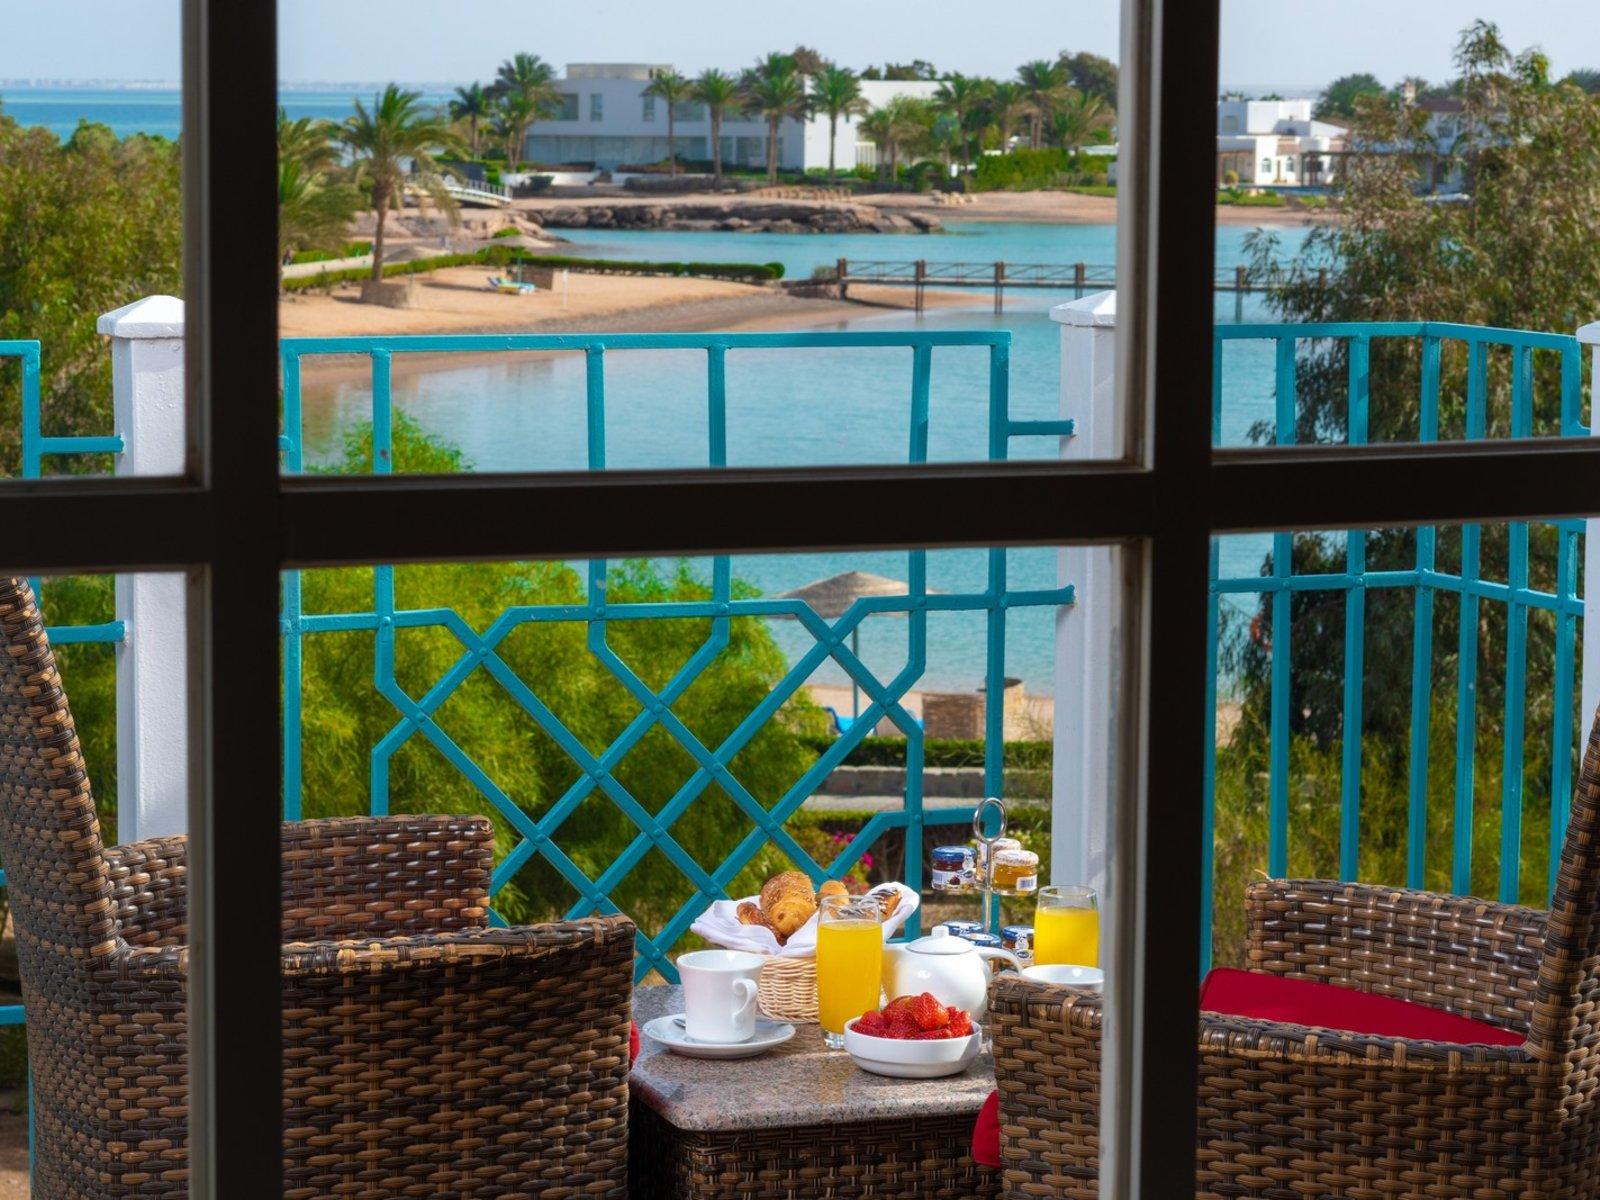 Wohnbeispiel Deluxe Lagoon View room